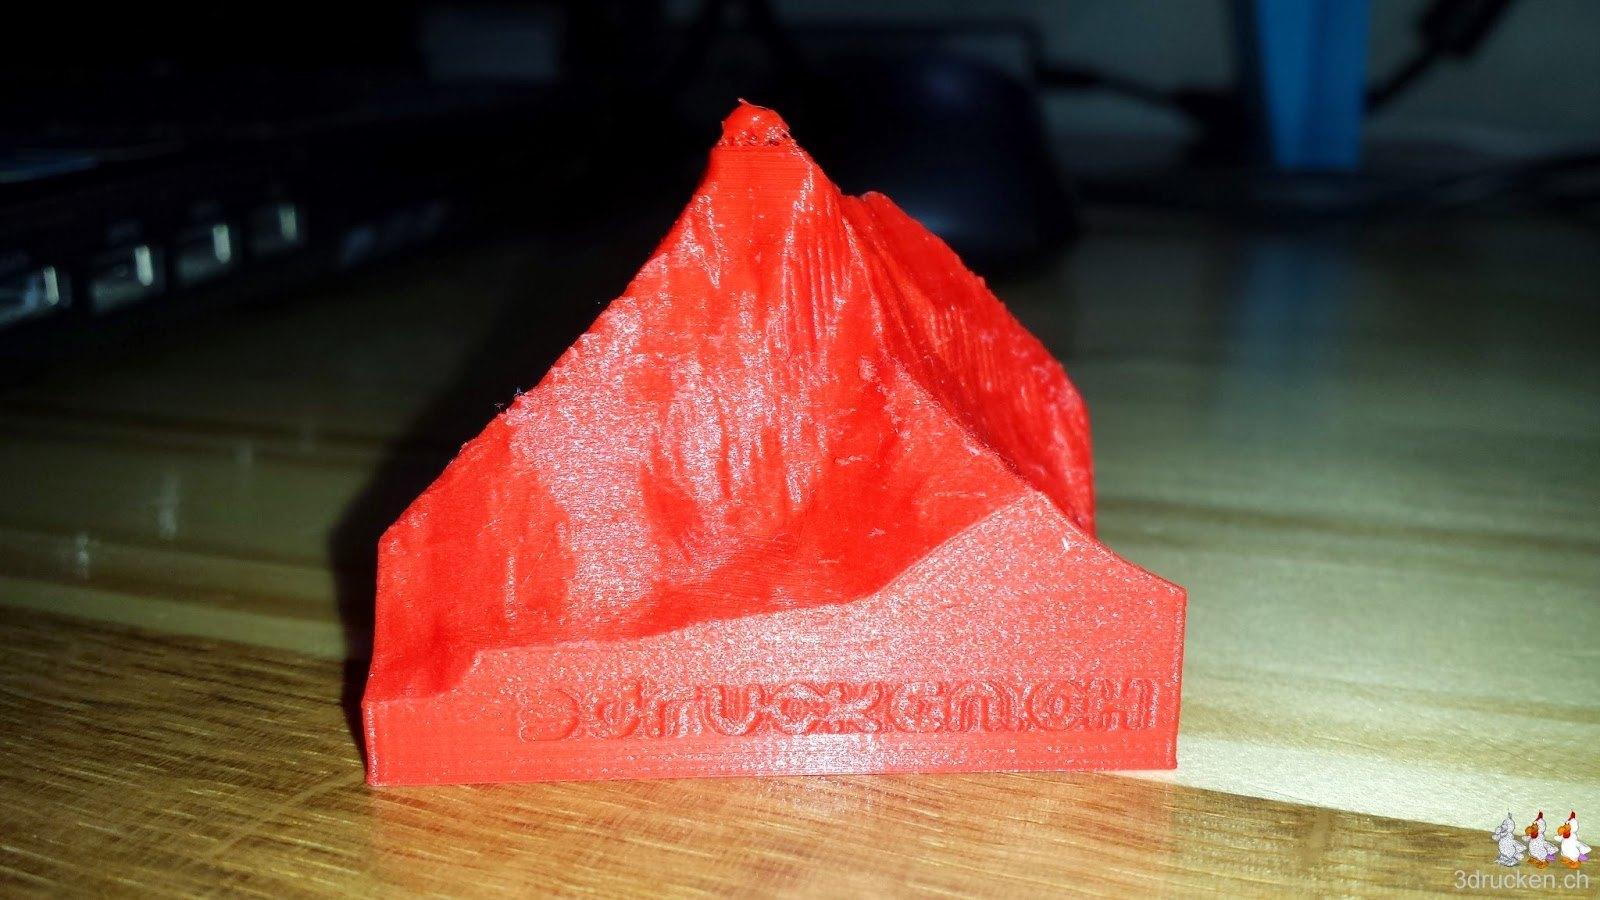 Foto einer Variante des gedruckten Giveaways Matterhorn mit kaum lesbarem Schriftzug auf der Seite